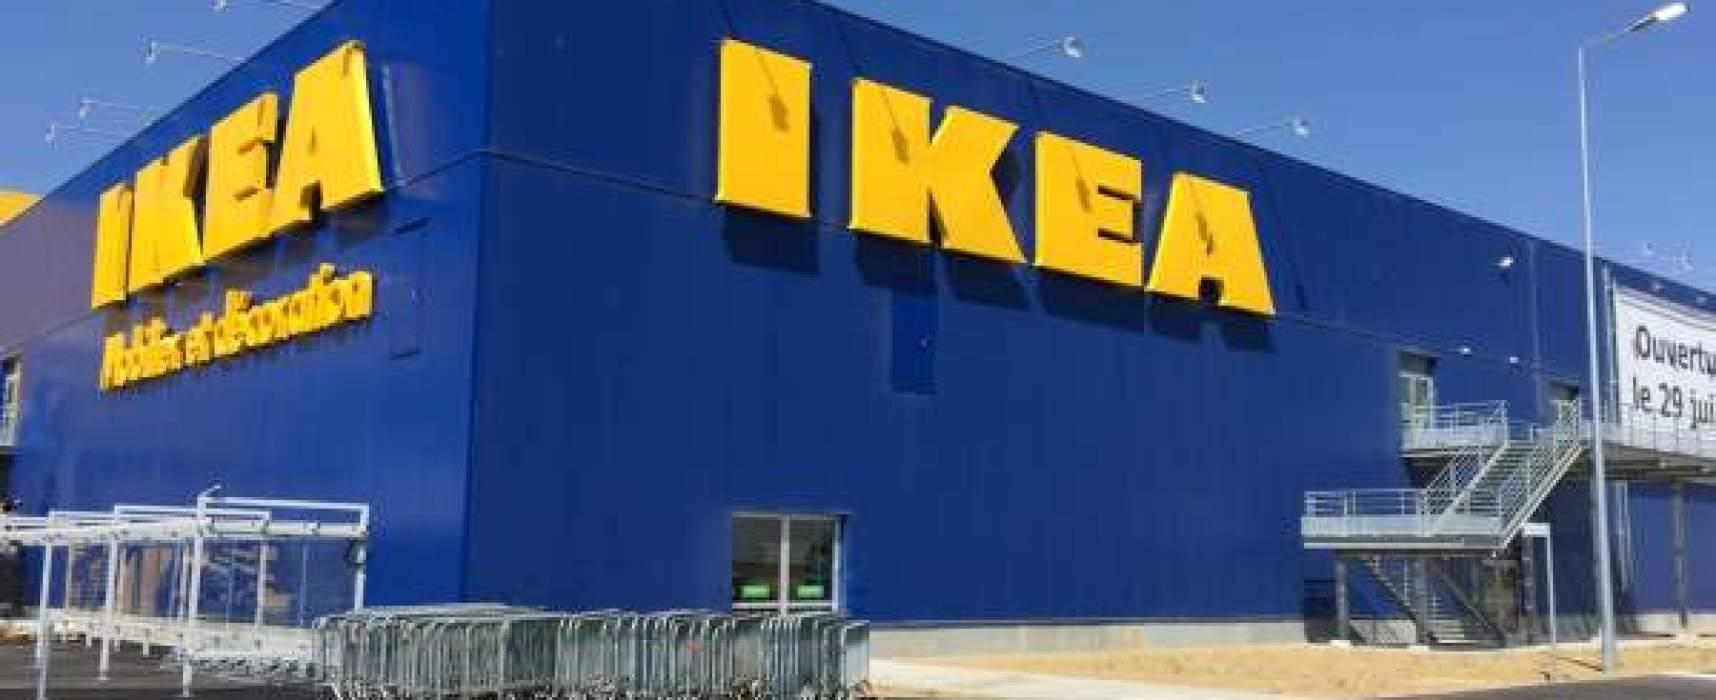 Verde azzurro notizie primo piano lucca e piana for Ikea articoli per bambini